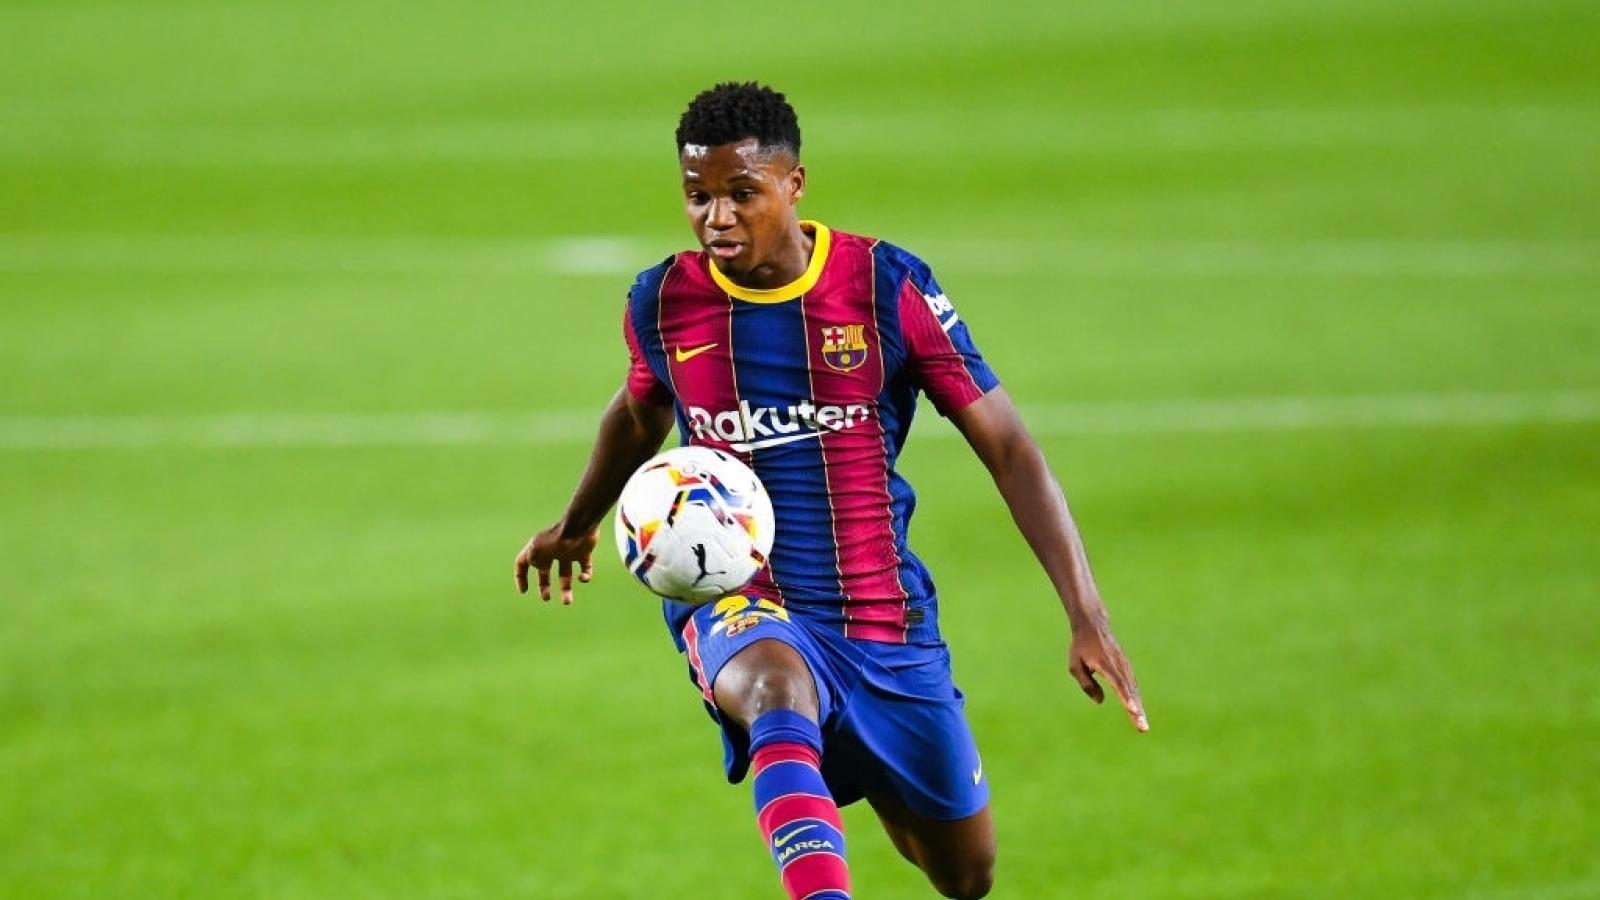 Getafe - Barca: Ansu Fati cướp sân khấu của Messi?